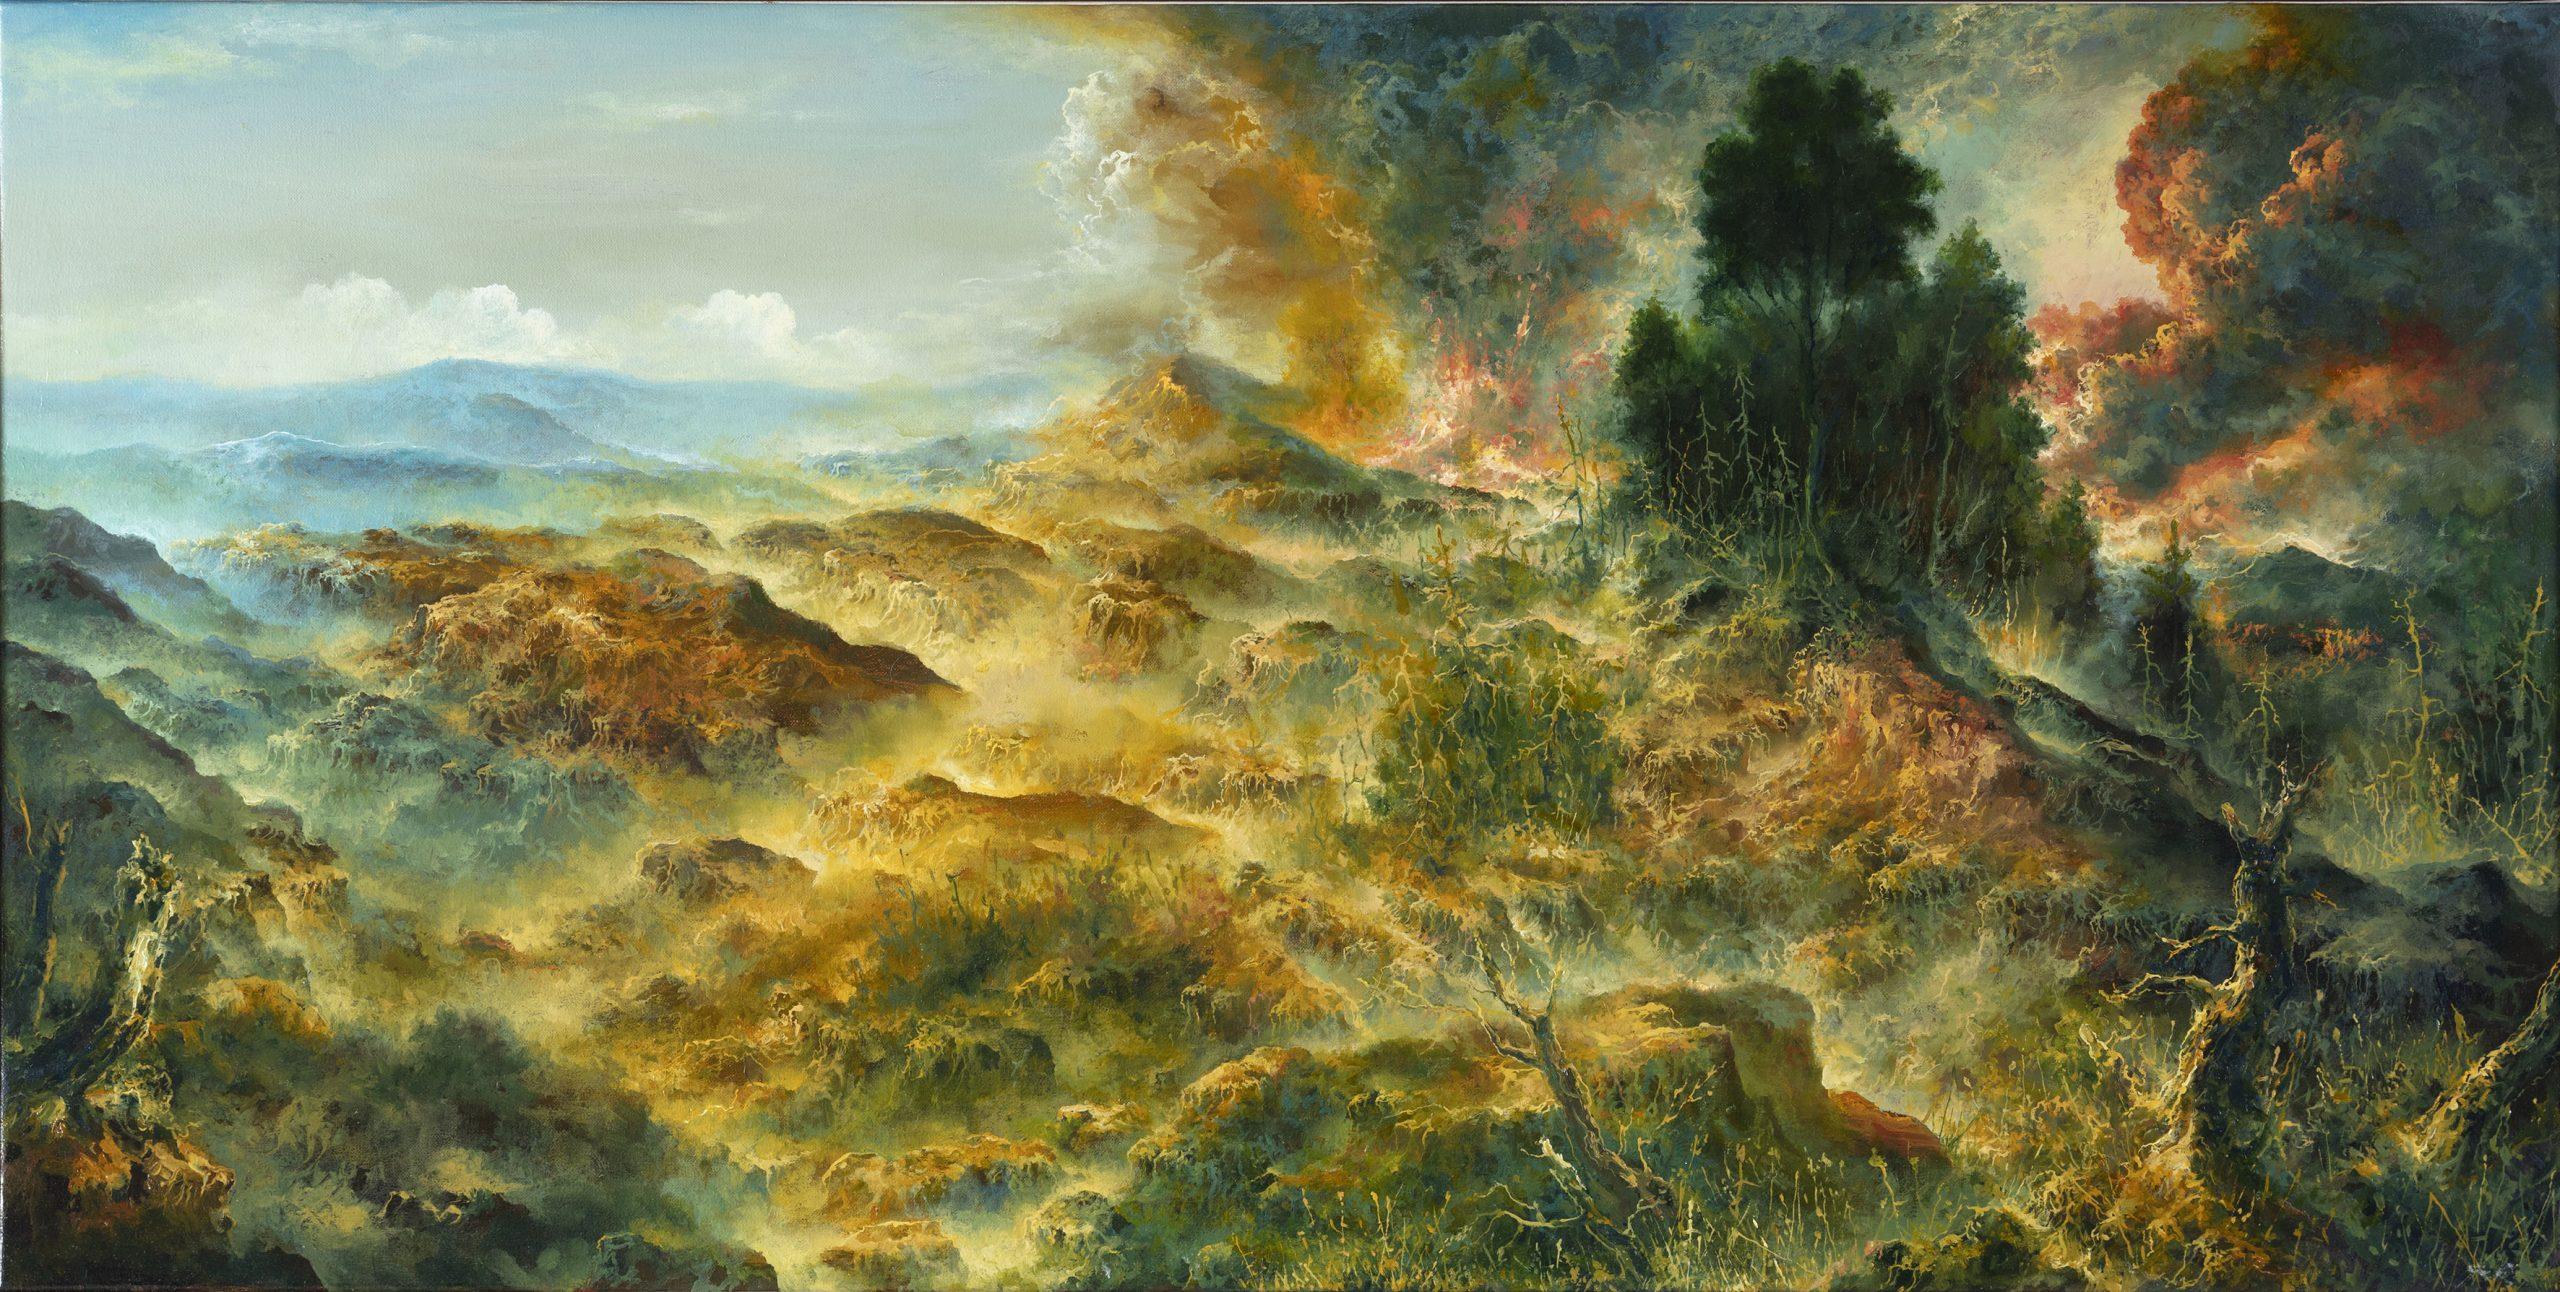 Petri Ala-Maunus, Celestial Explosion, 2020. Öljy kankaalle 50 x 100. Kuva Jefunne Gimpel